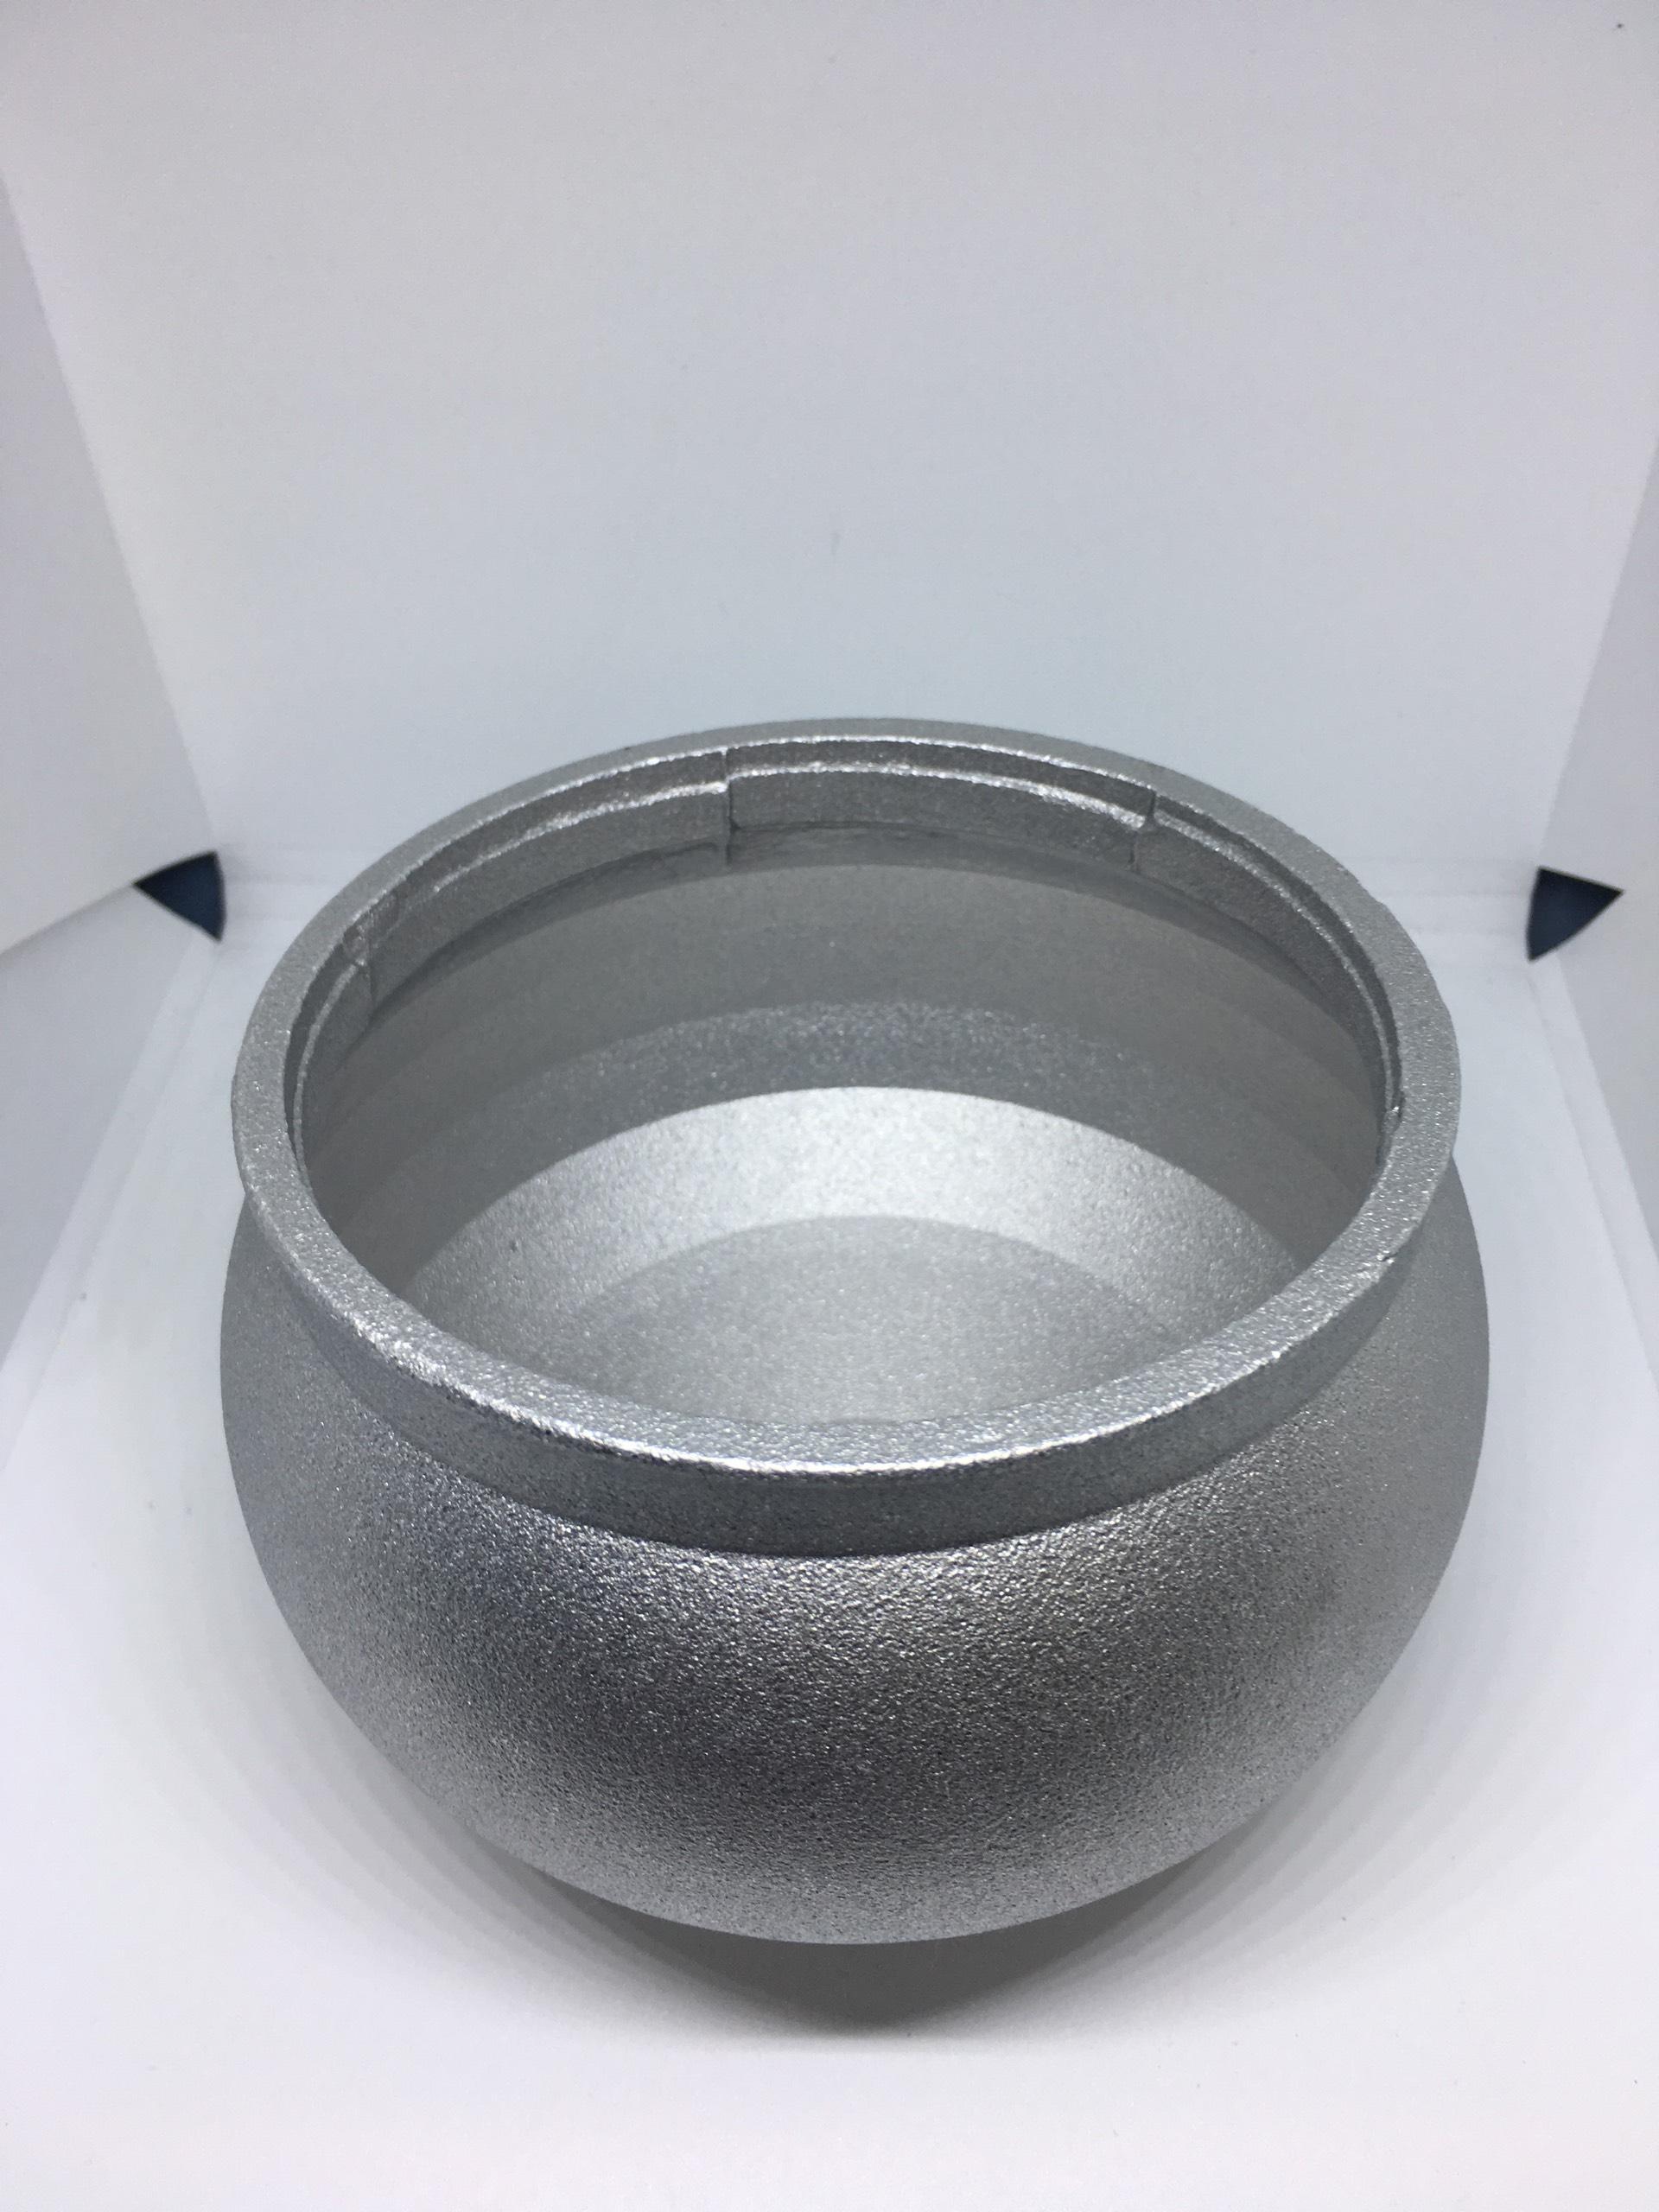 Abezo-Nồi cơm niêu nhôm đúc nguyên khối 600Gr Gạo